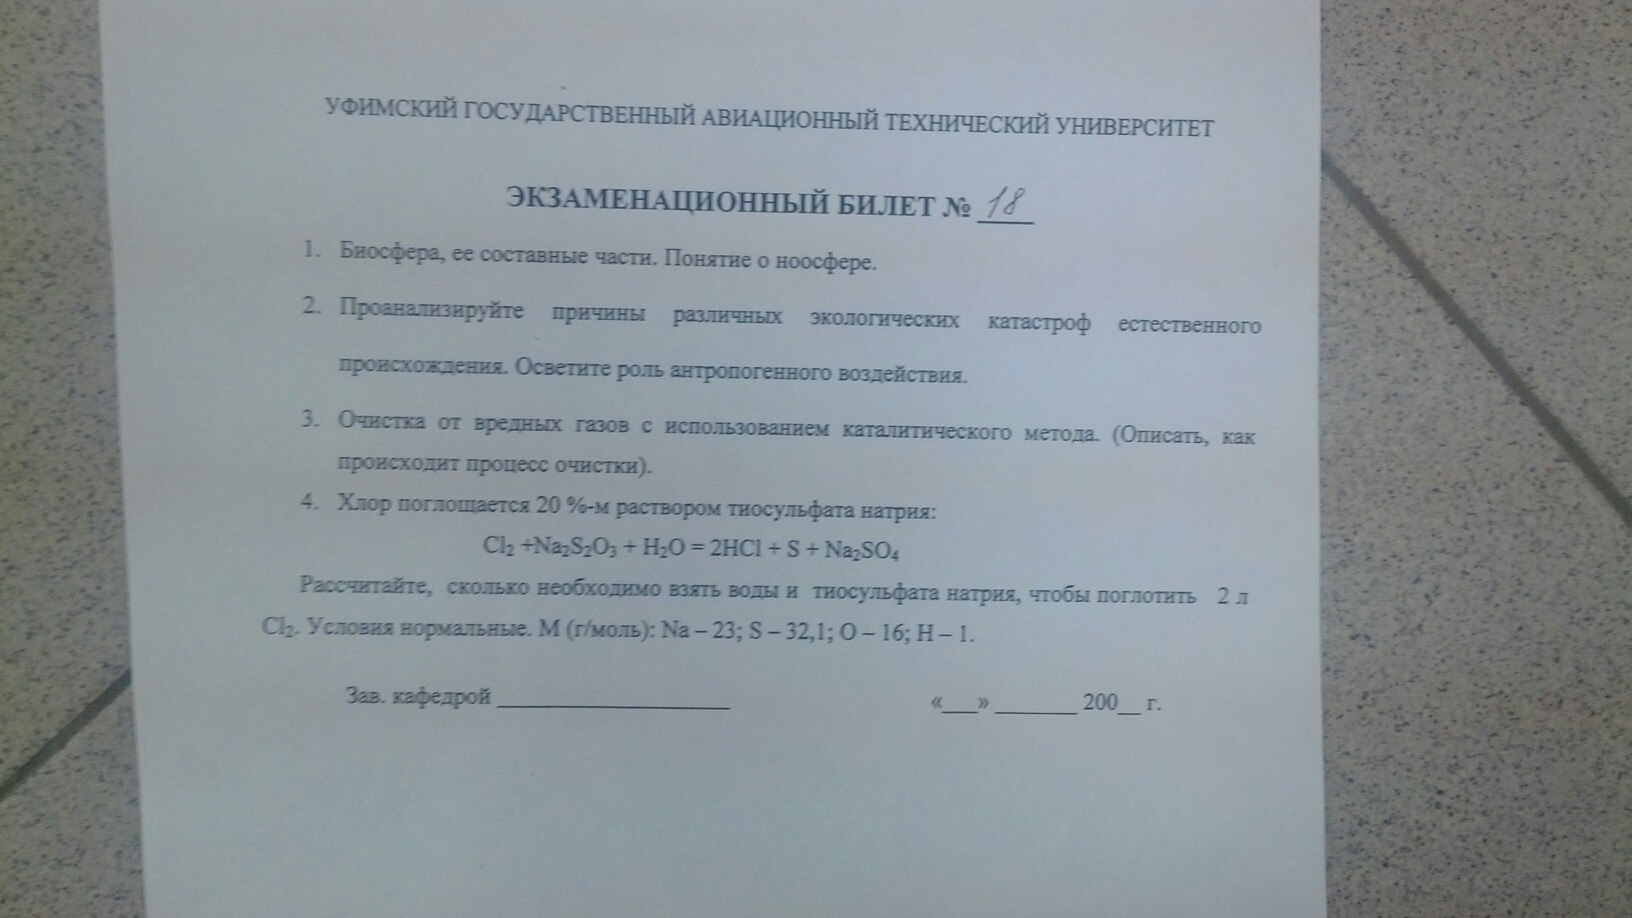 Поиск безвозмездной помощи по учебе УГАТУ ВКонтакте  pp me c633617 v633617388 750c u5minqhd6zy кто